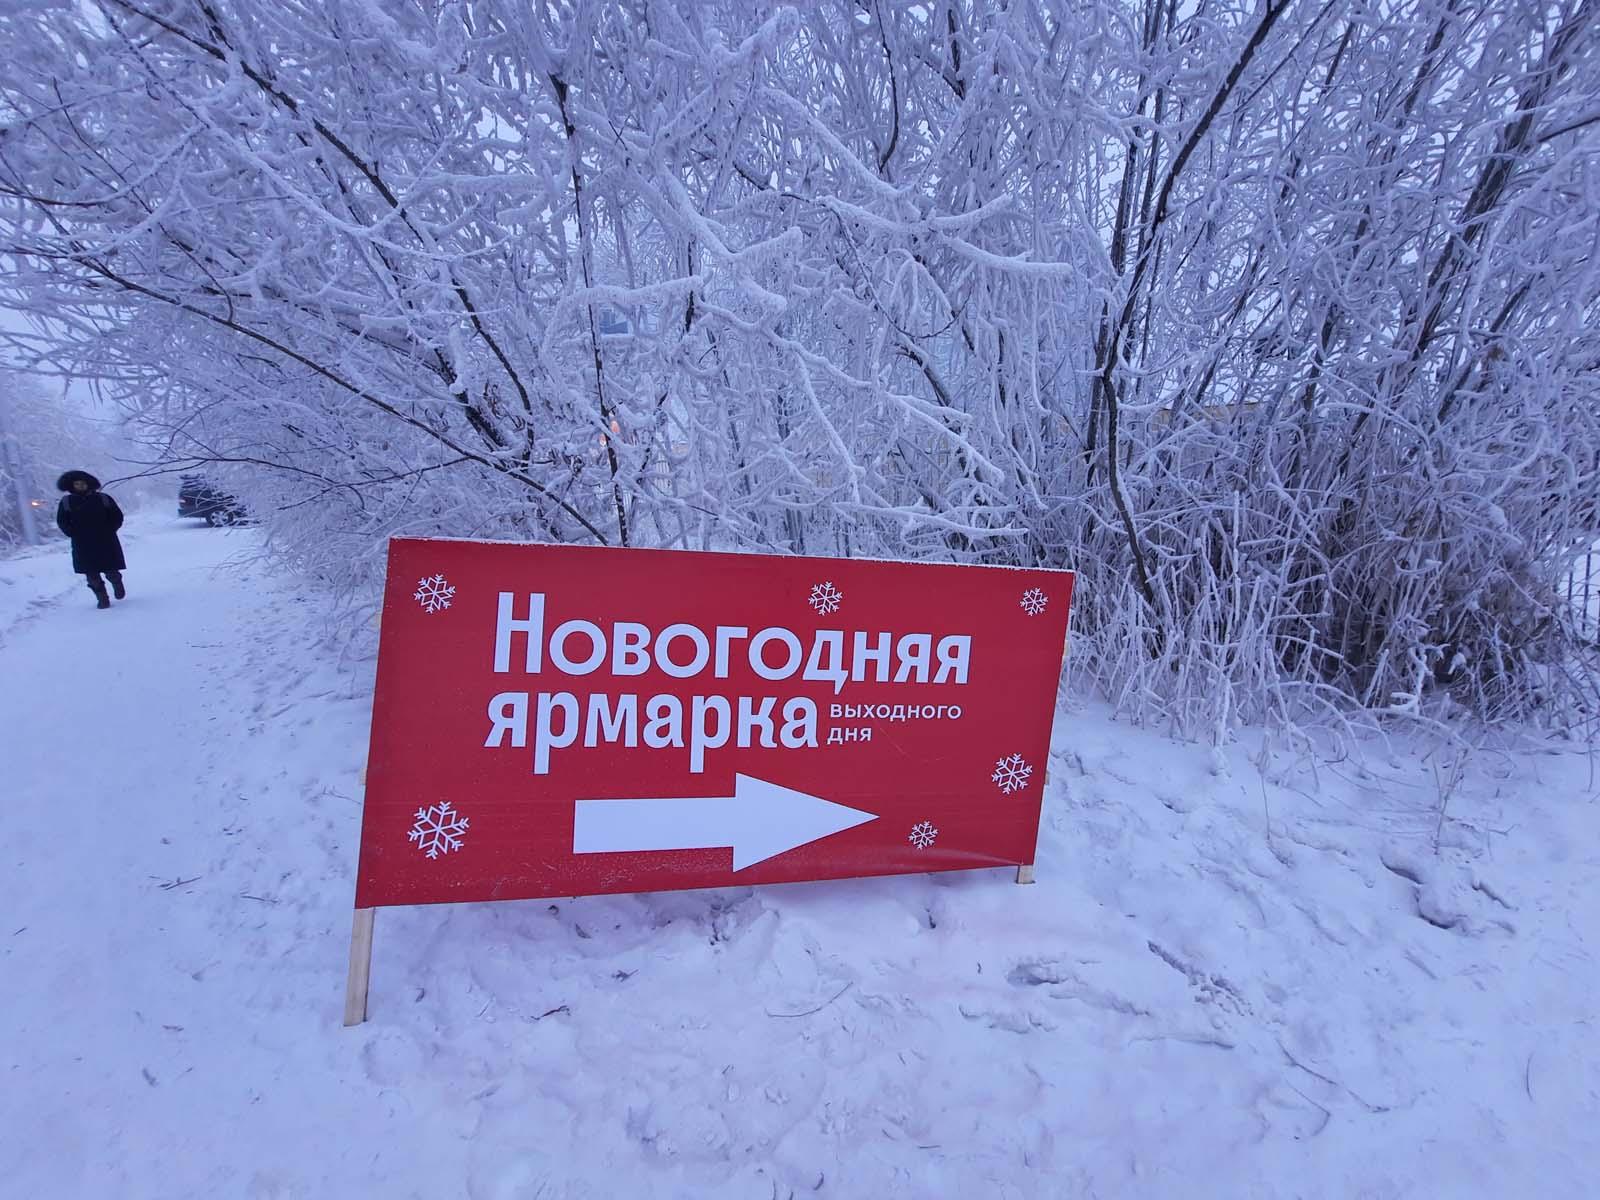 Новогодняя ярмарка на Кирова,12 28 декабря 2020 года